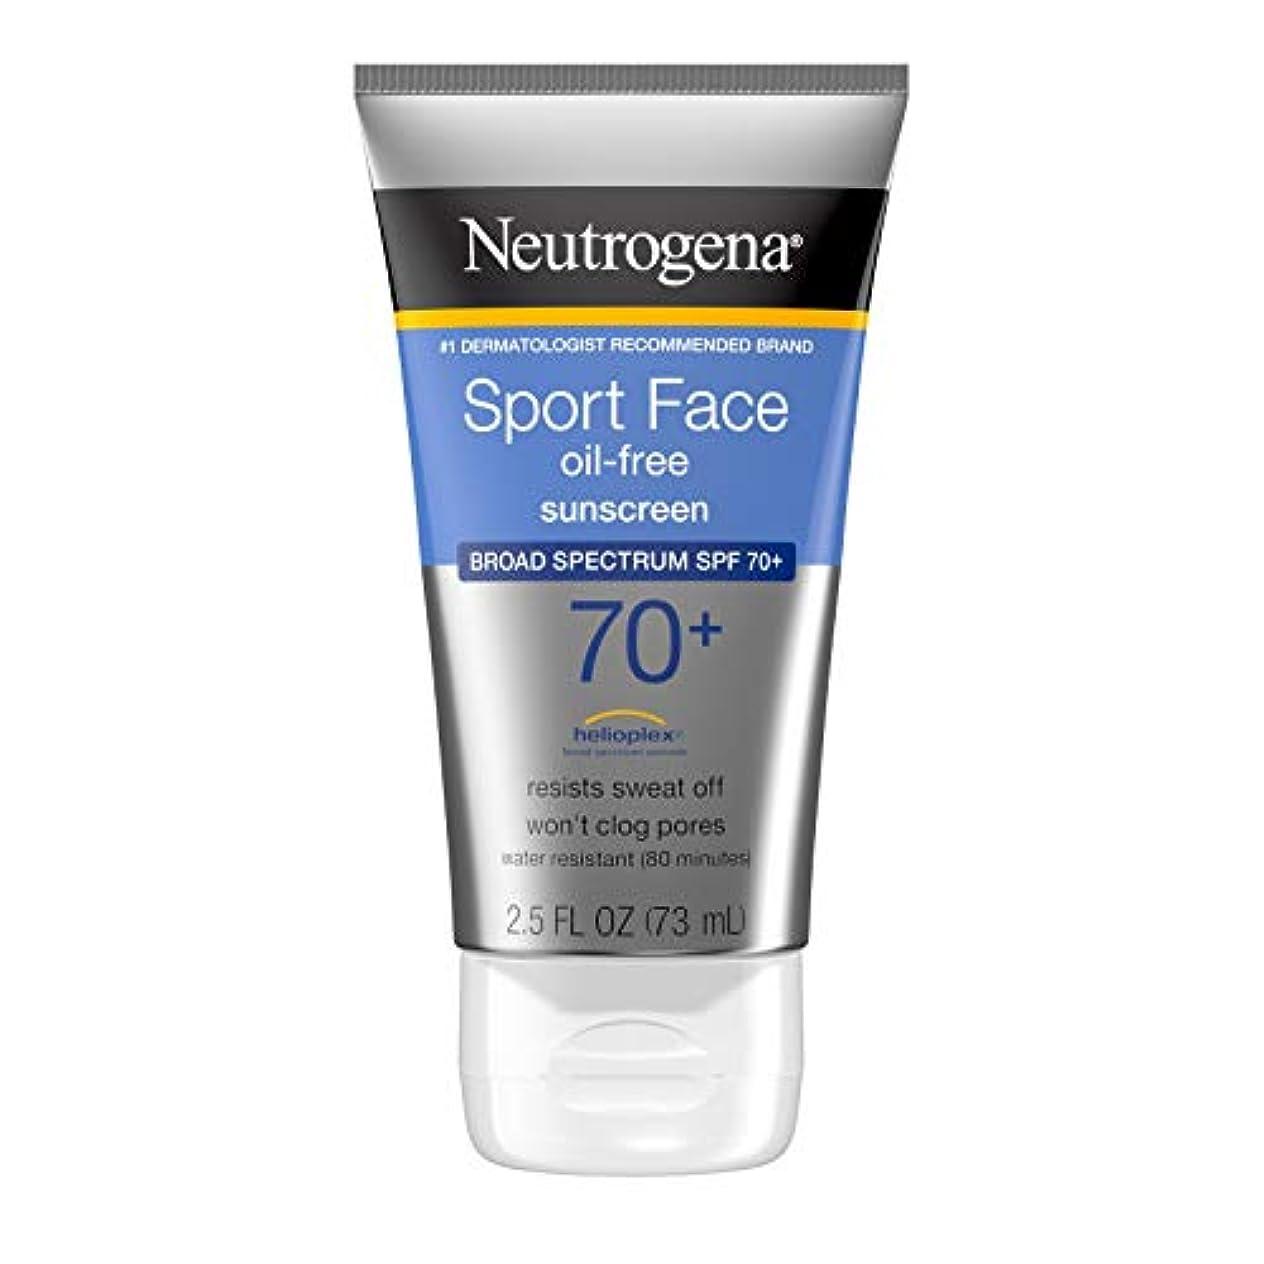 脊椎太平洋諸島敵対的Neutrogena Ultimate Sport Face SPF#70 73 ml (並行輸入品)